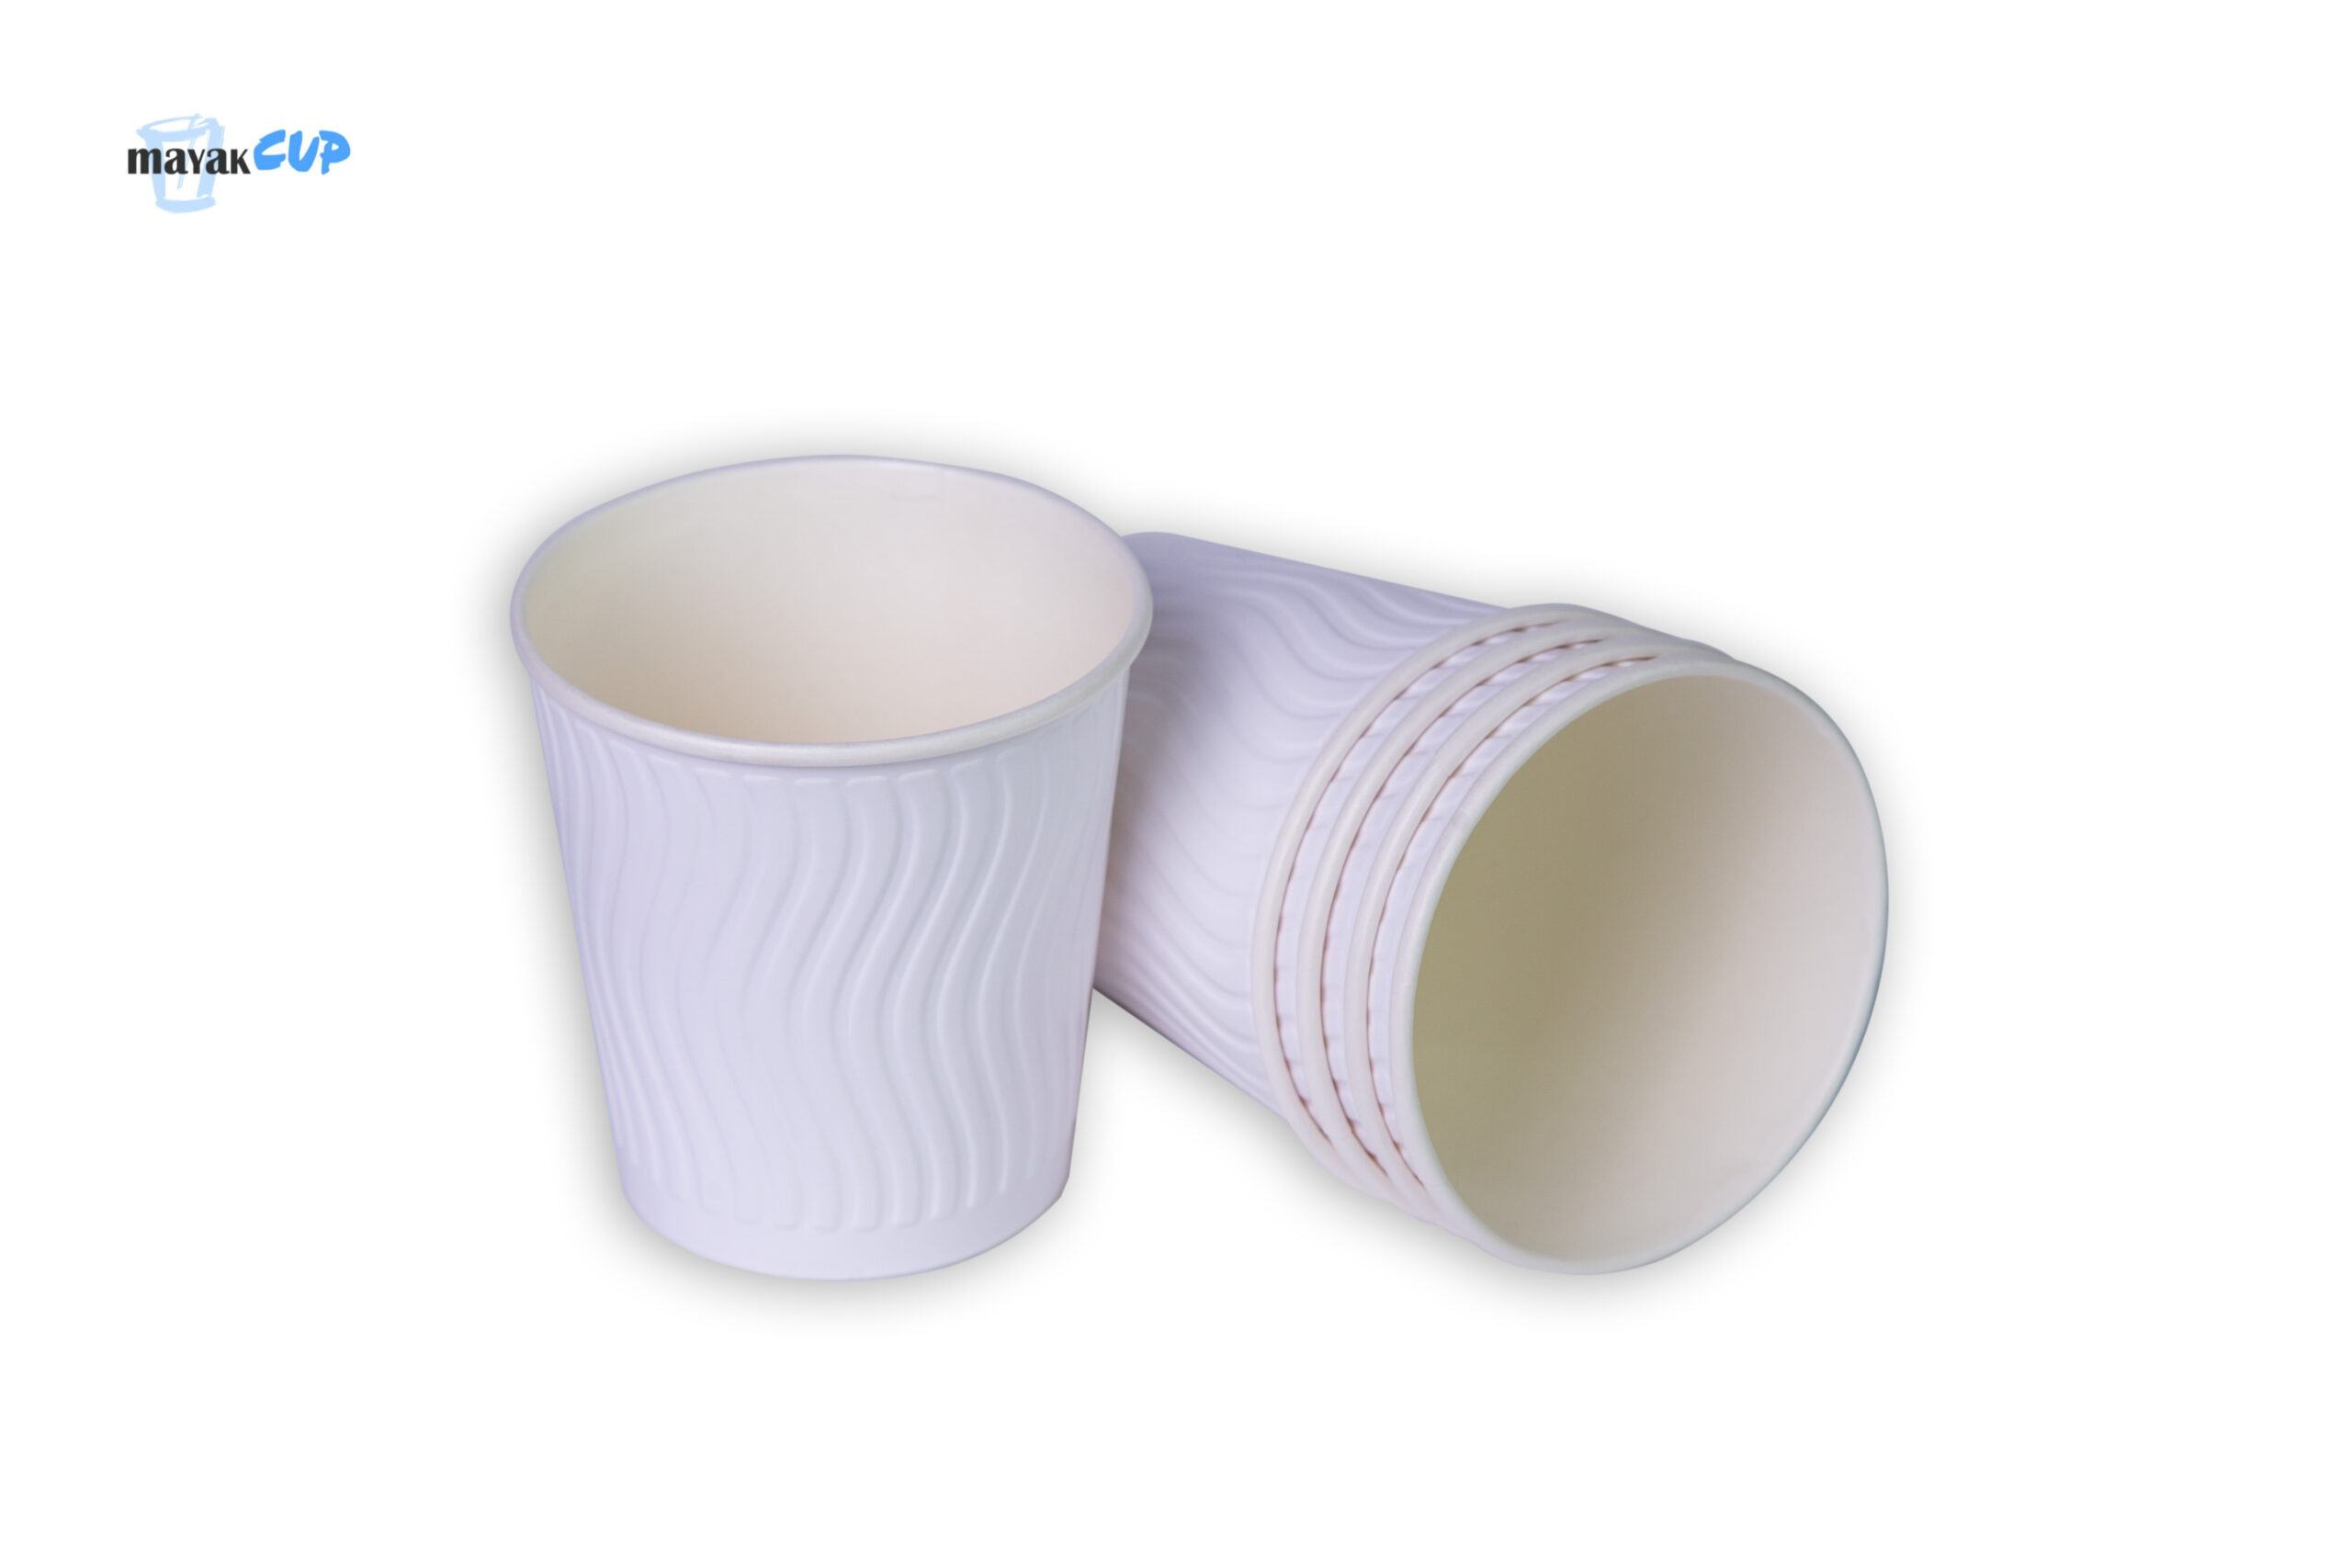 Двухслойный стакан «Волна white» 285 мл